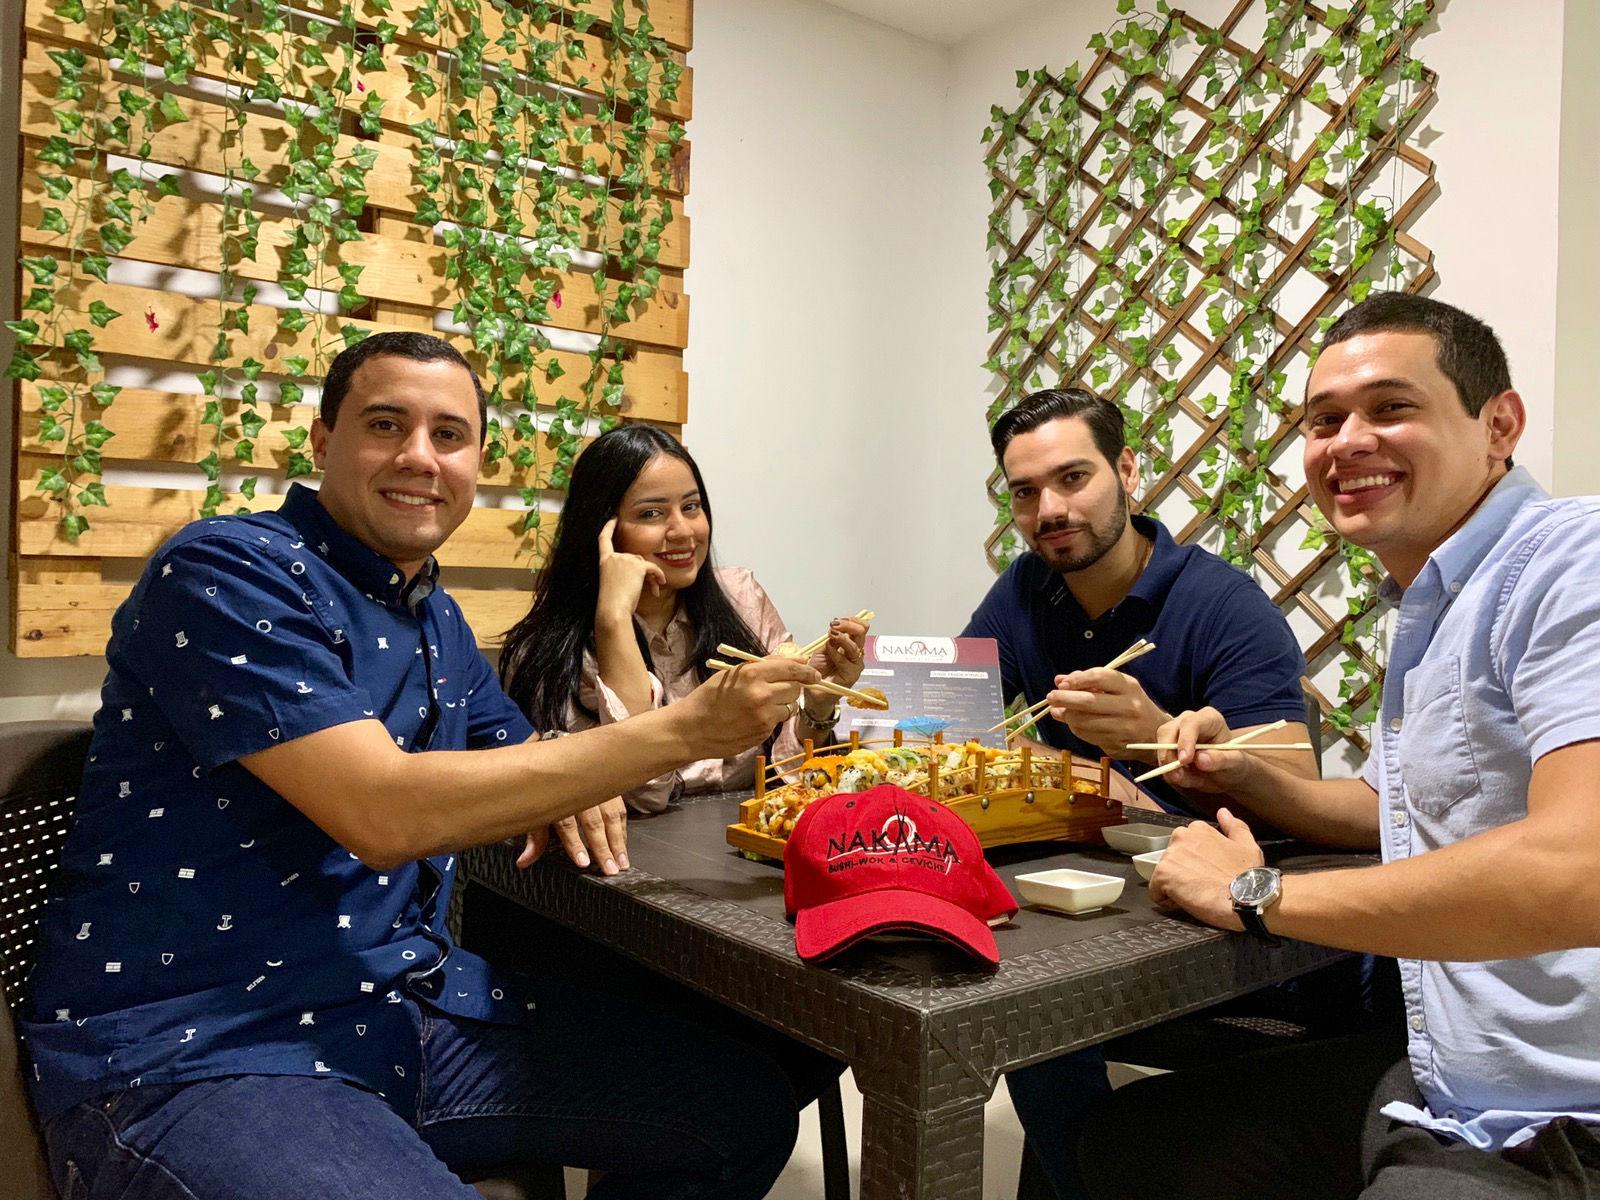 Ricardo Rojas, Katherine Lora, Felix Cassab y Pedro Rueda, socios y creadores de Nakama Shusi en Barranquilla.